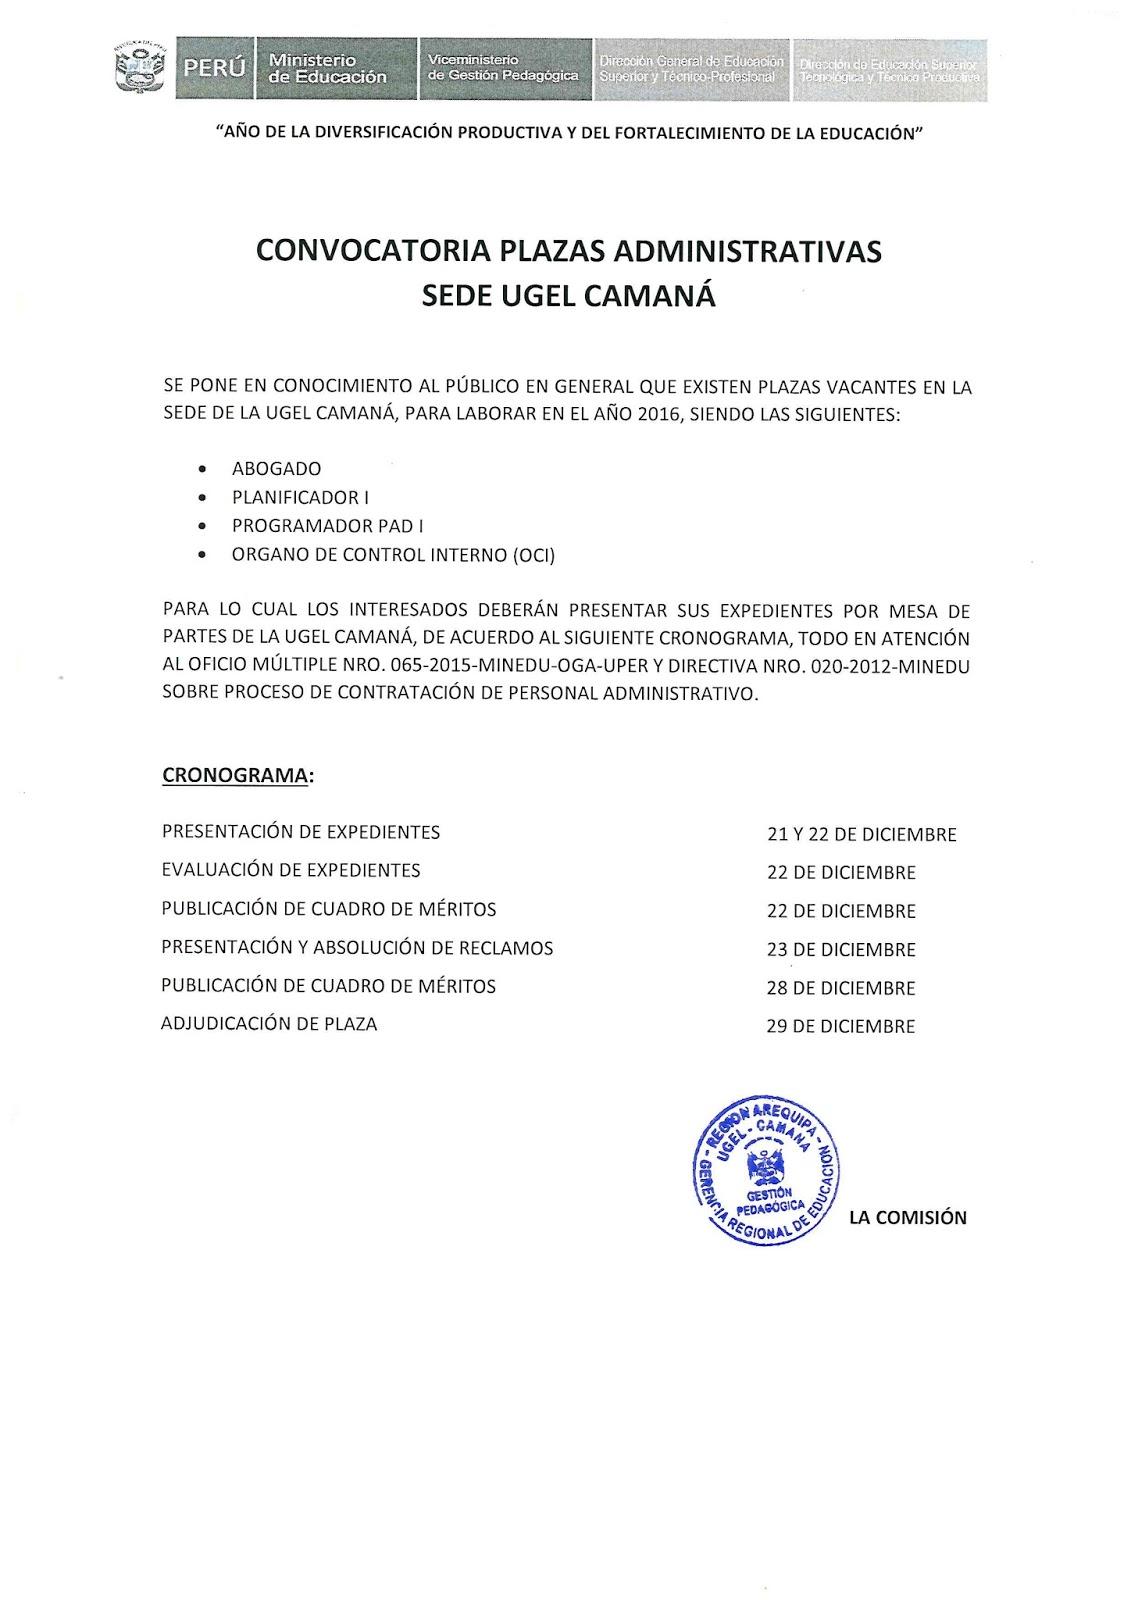 Cronograma de convocatoria de contrato cas 2016 ugel for Convocatoria para docentes